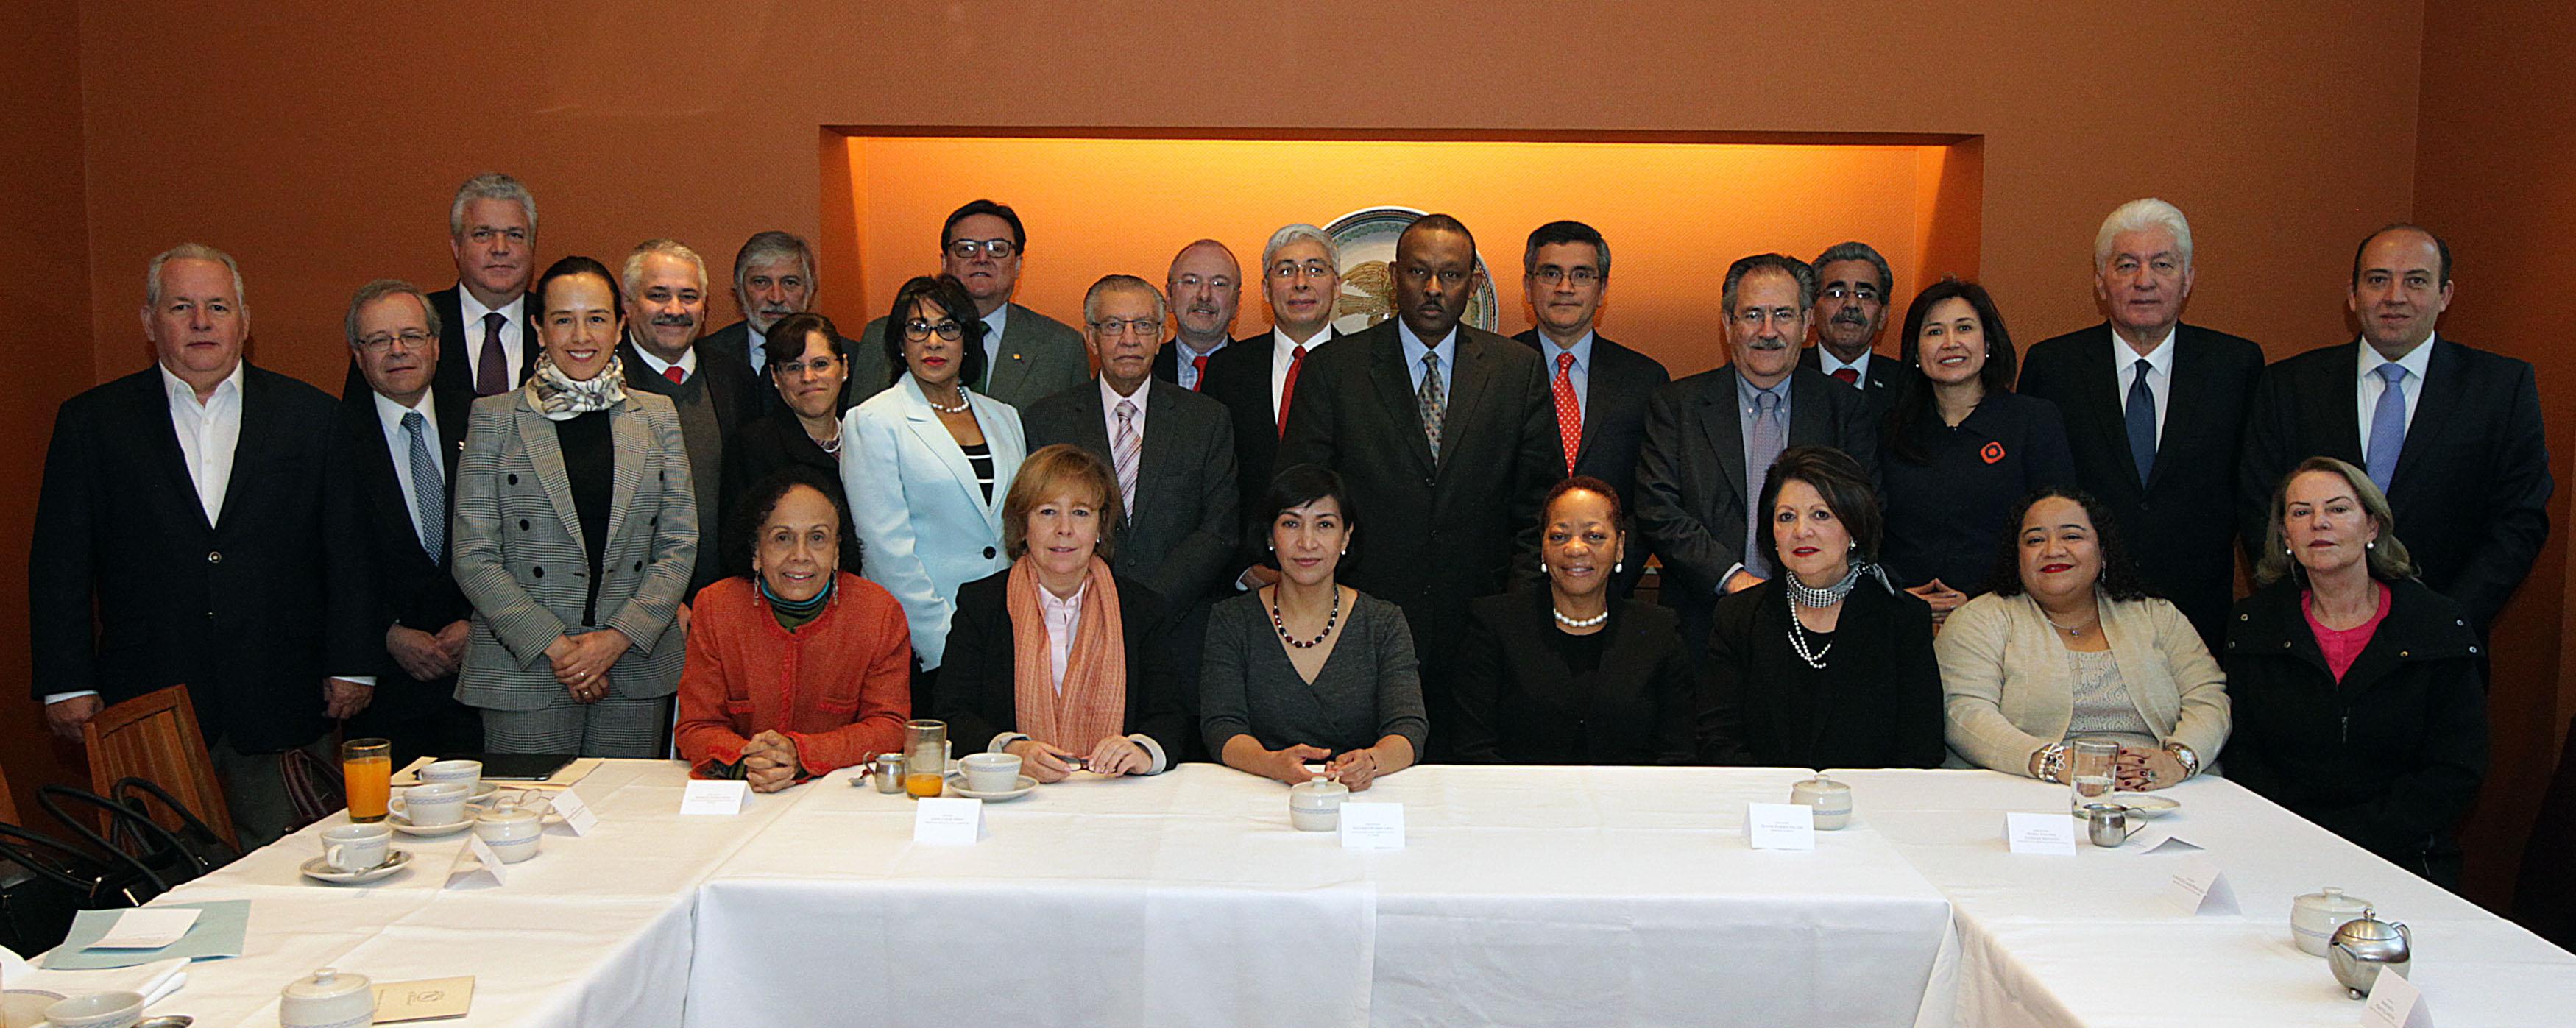 FOTO Reuni n de trabajo de la Subsecretaria Socorro Flores Liera con embajadores de Am rica Latinajpg